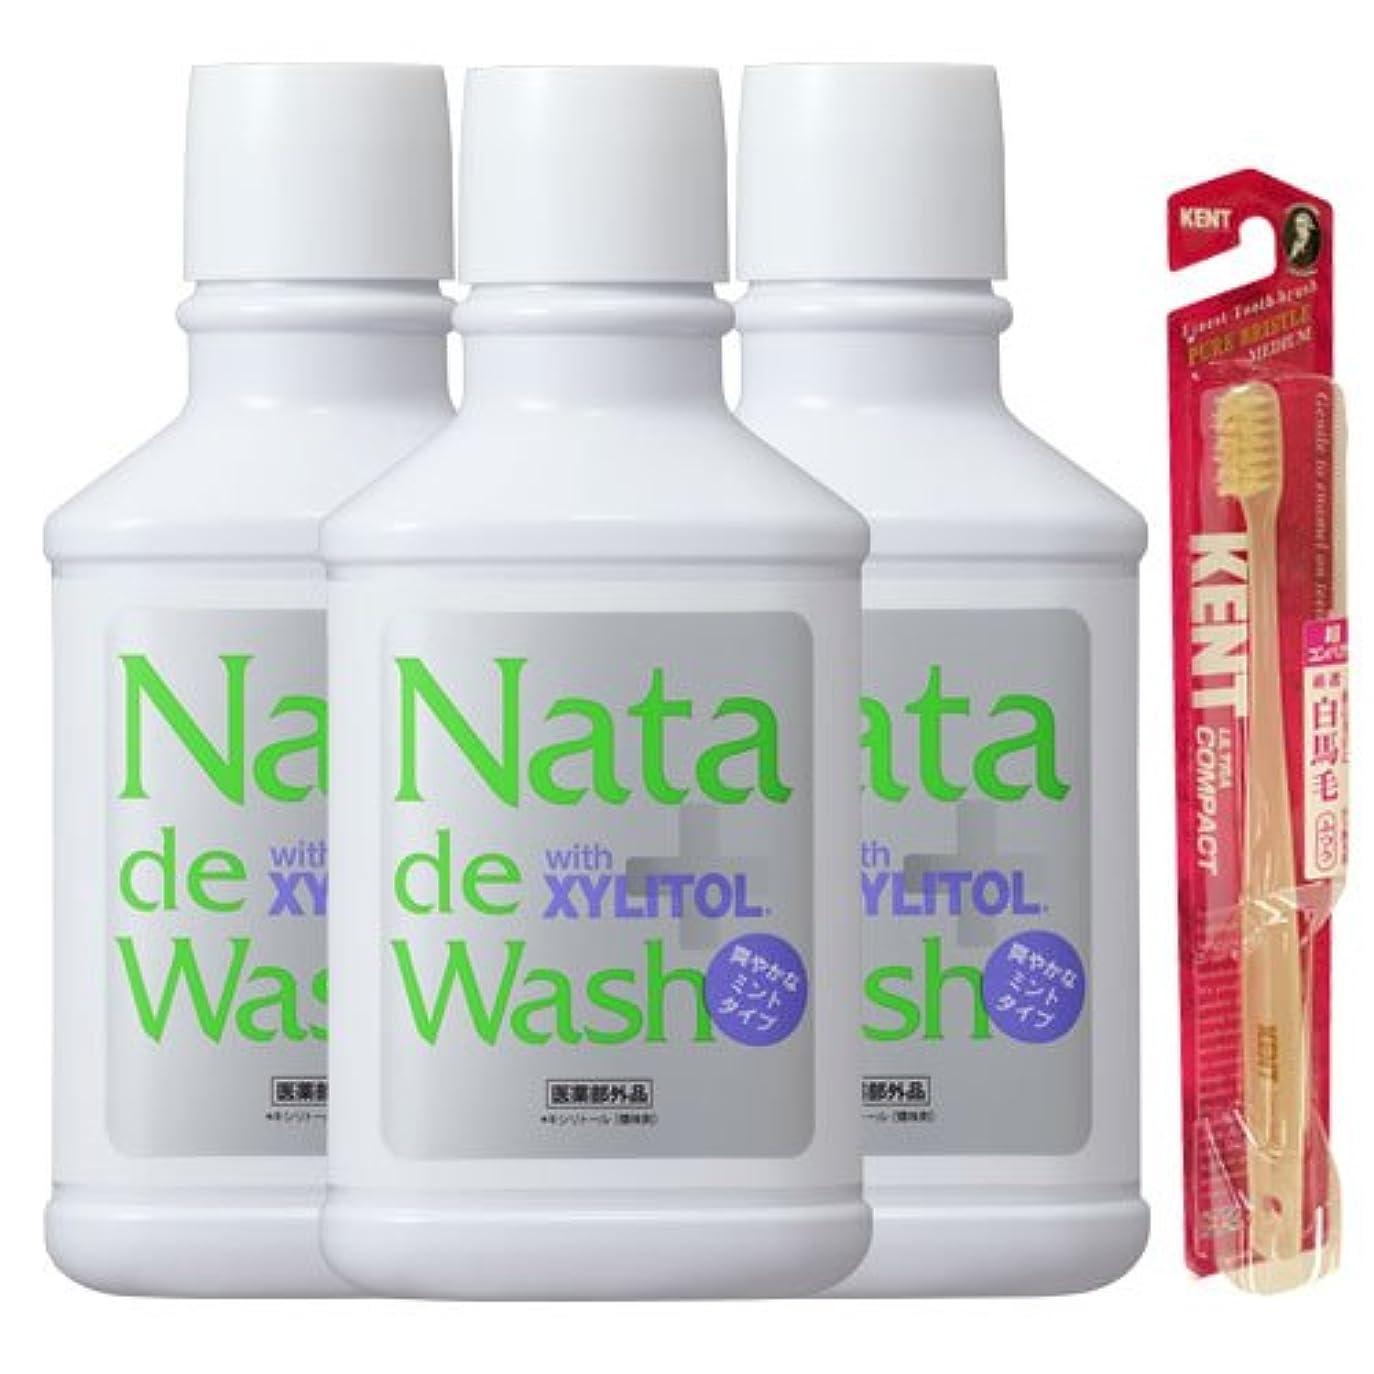 淡い生きるミトン薬用ナタデウォッシュ 爽やかなミントタイプ 500ml 3本& KENT歯ブラシ1本プレゼント